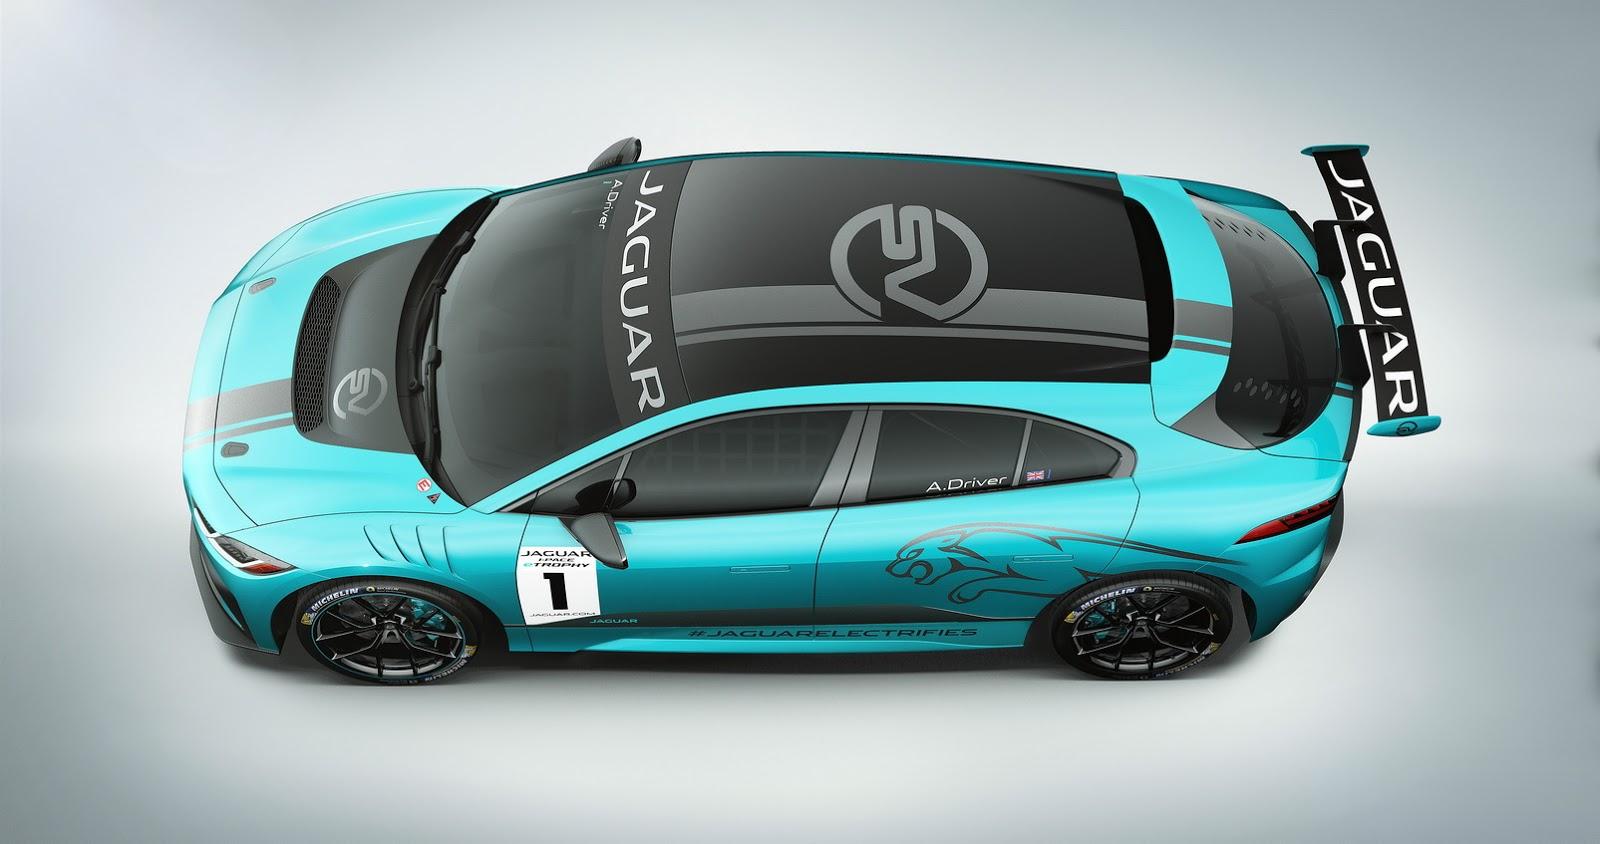 jaguar-ipace-race-car-iaa-31.jpg